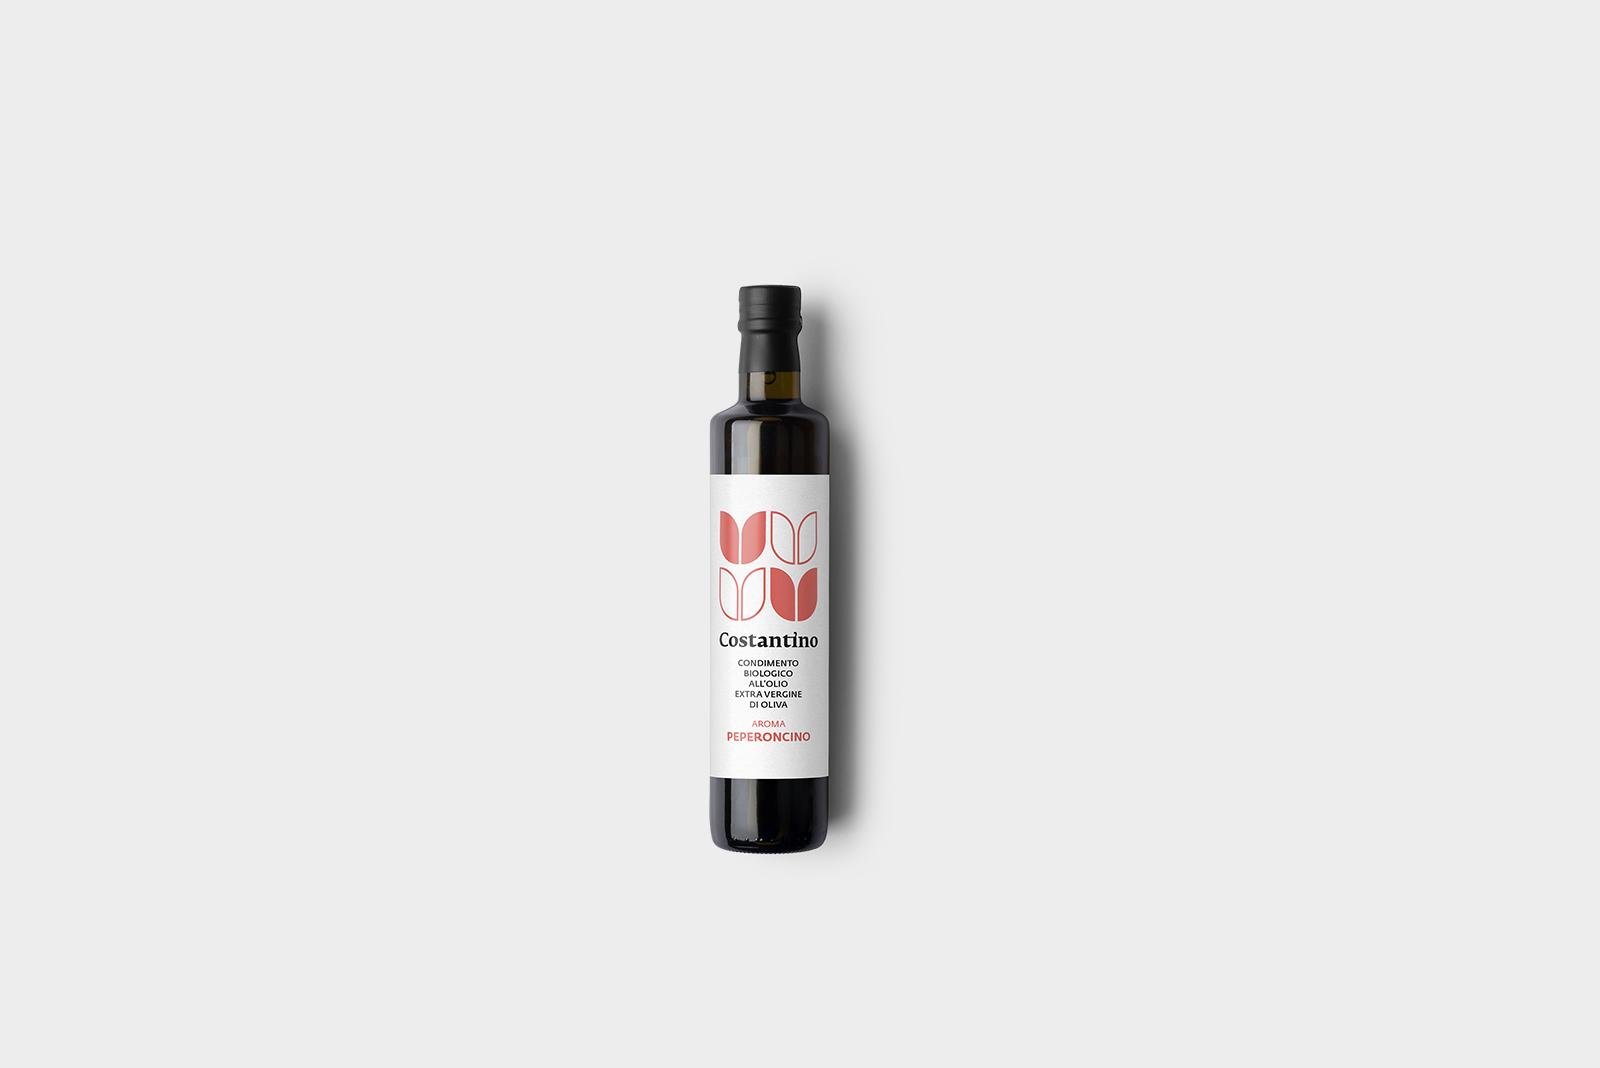 Costantino - Condimento Biologico a base di Olio Extra Vergine d'Oliva e Peperoncino Roggianese - bottiglia 10cl